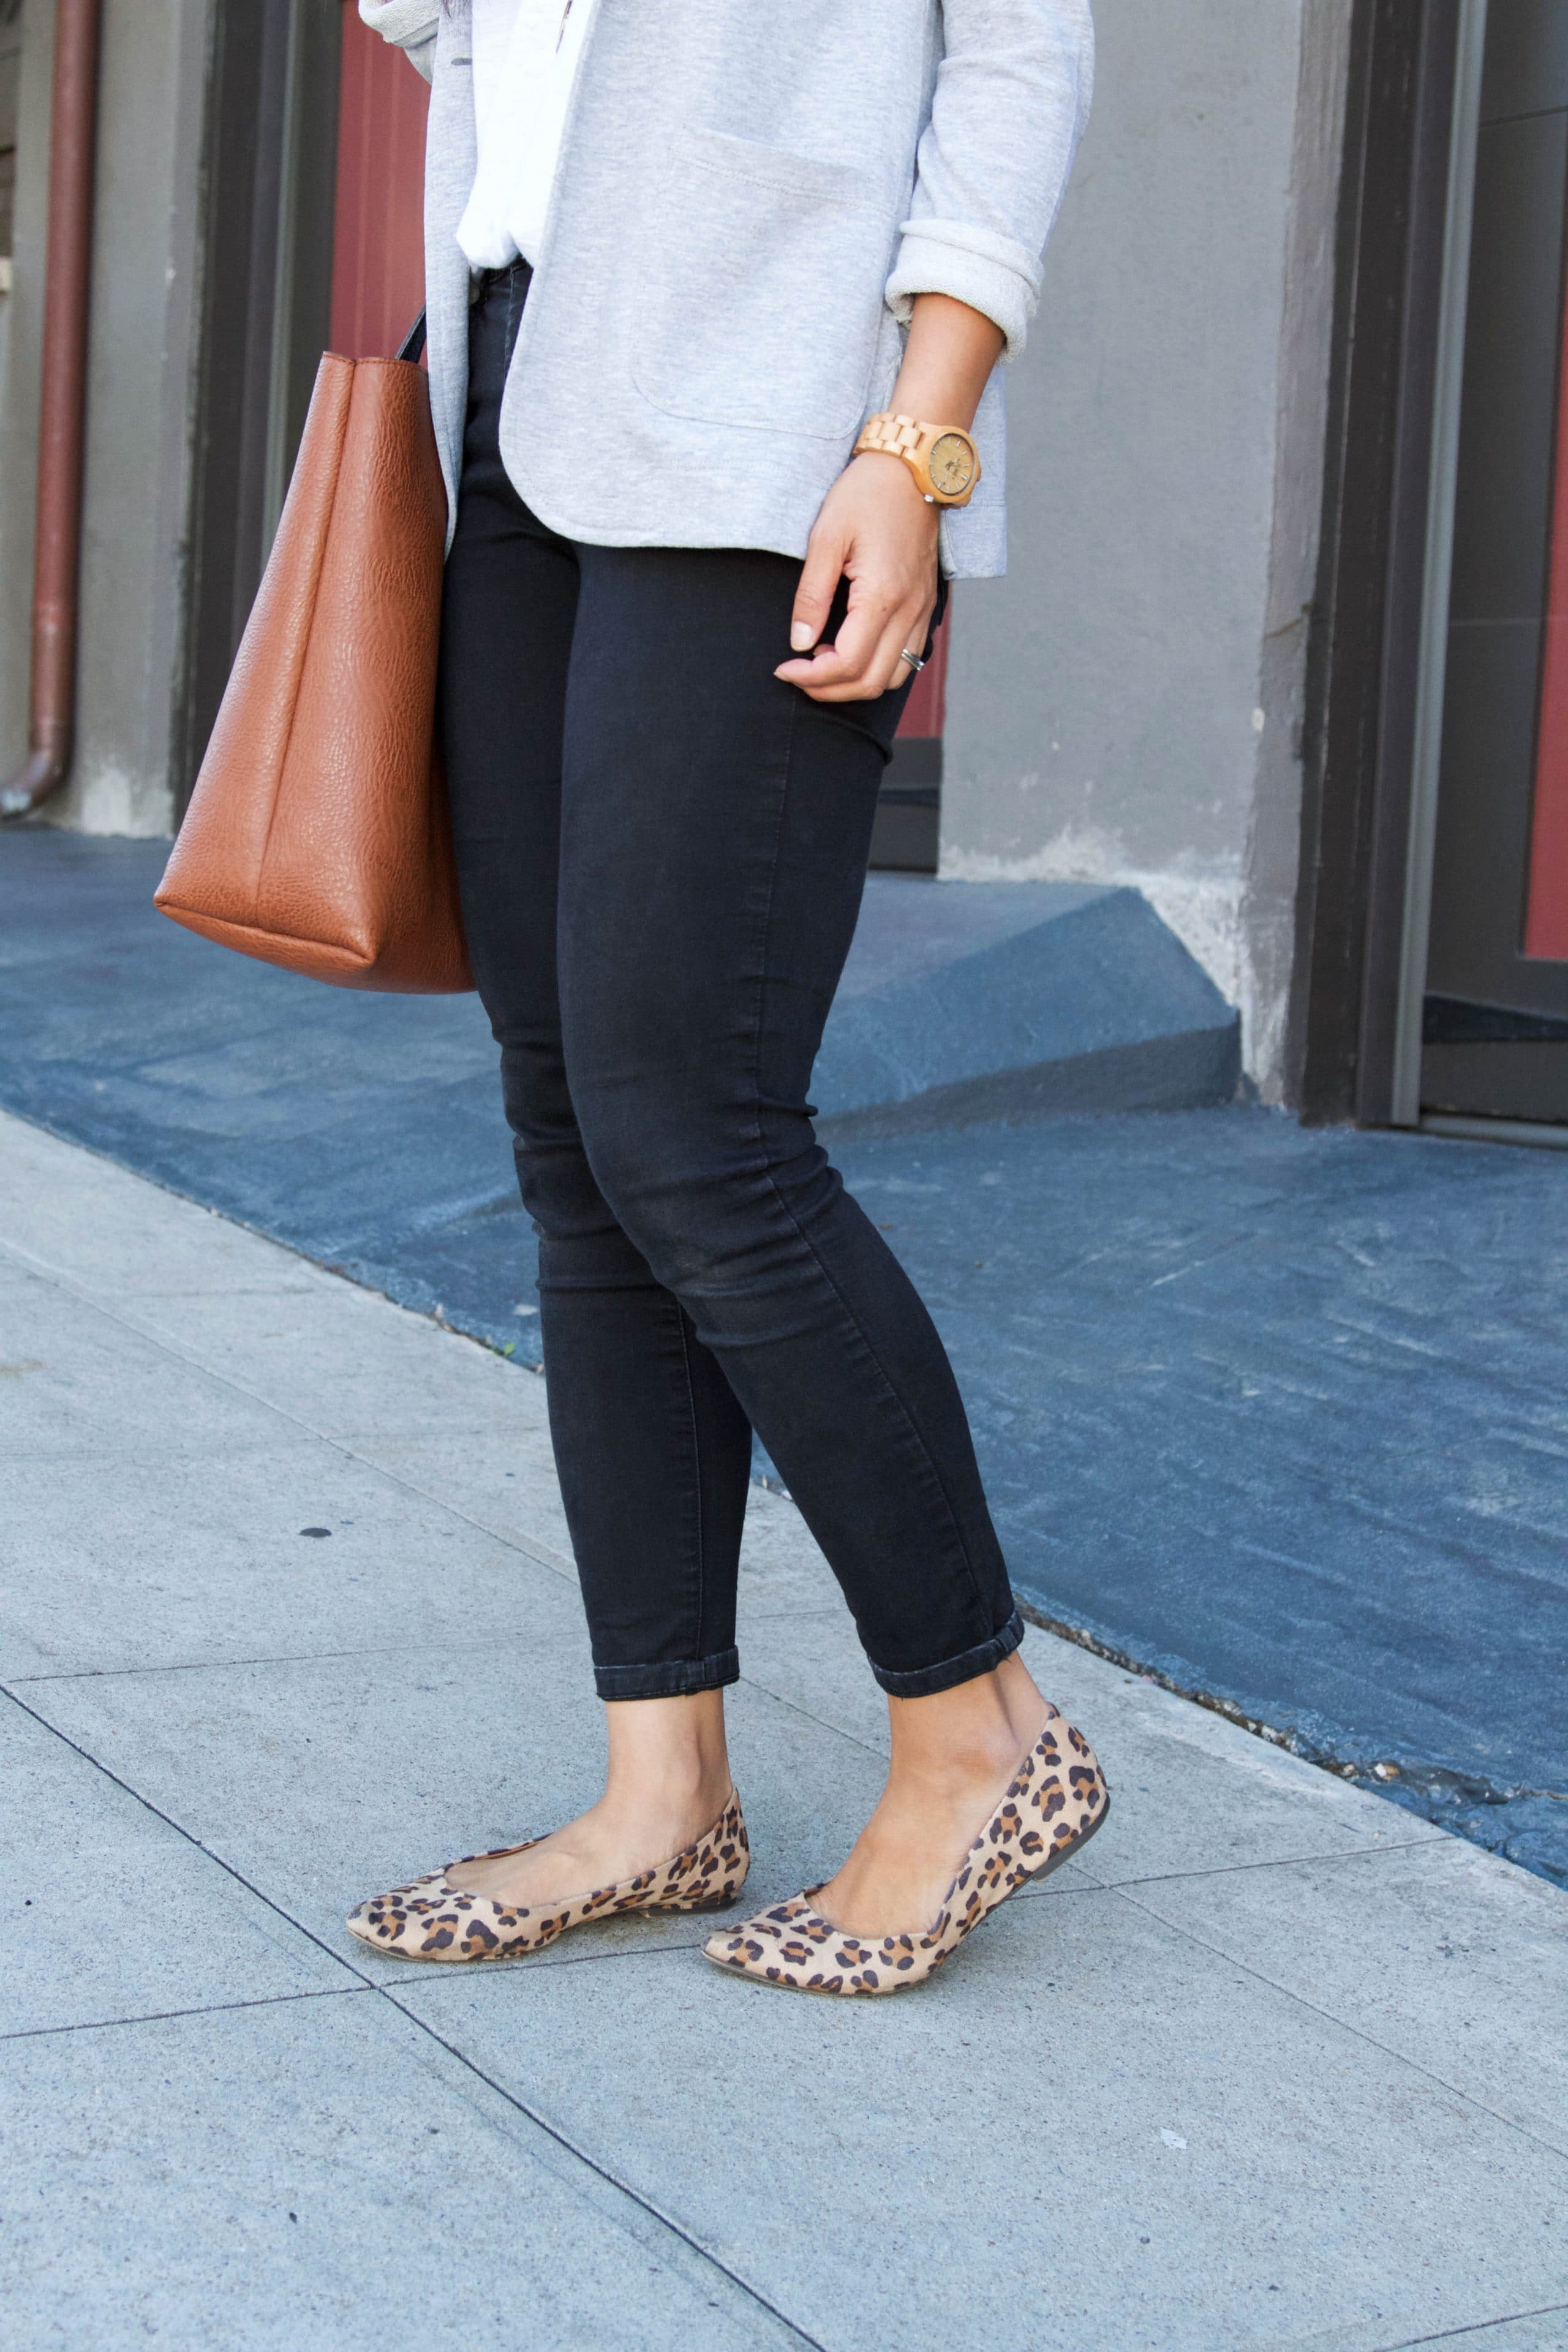 Leopard flats + Skinnies + Gray Blazer + Tote